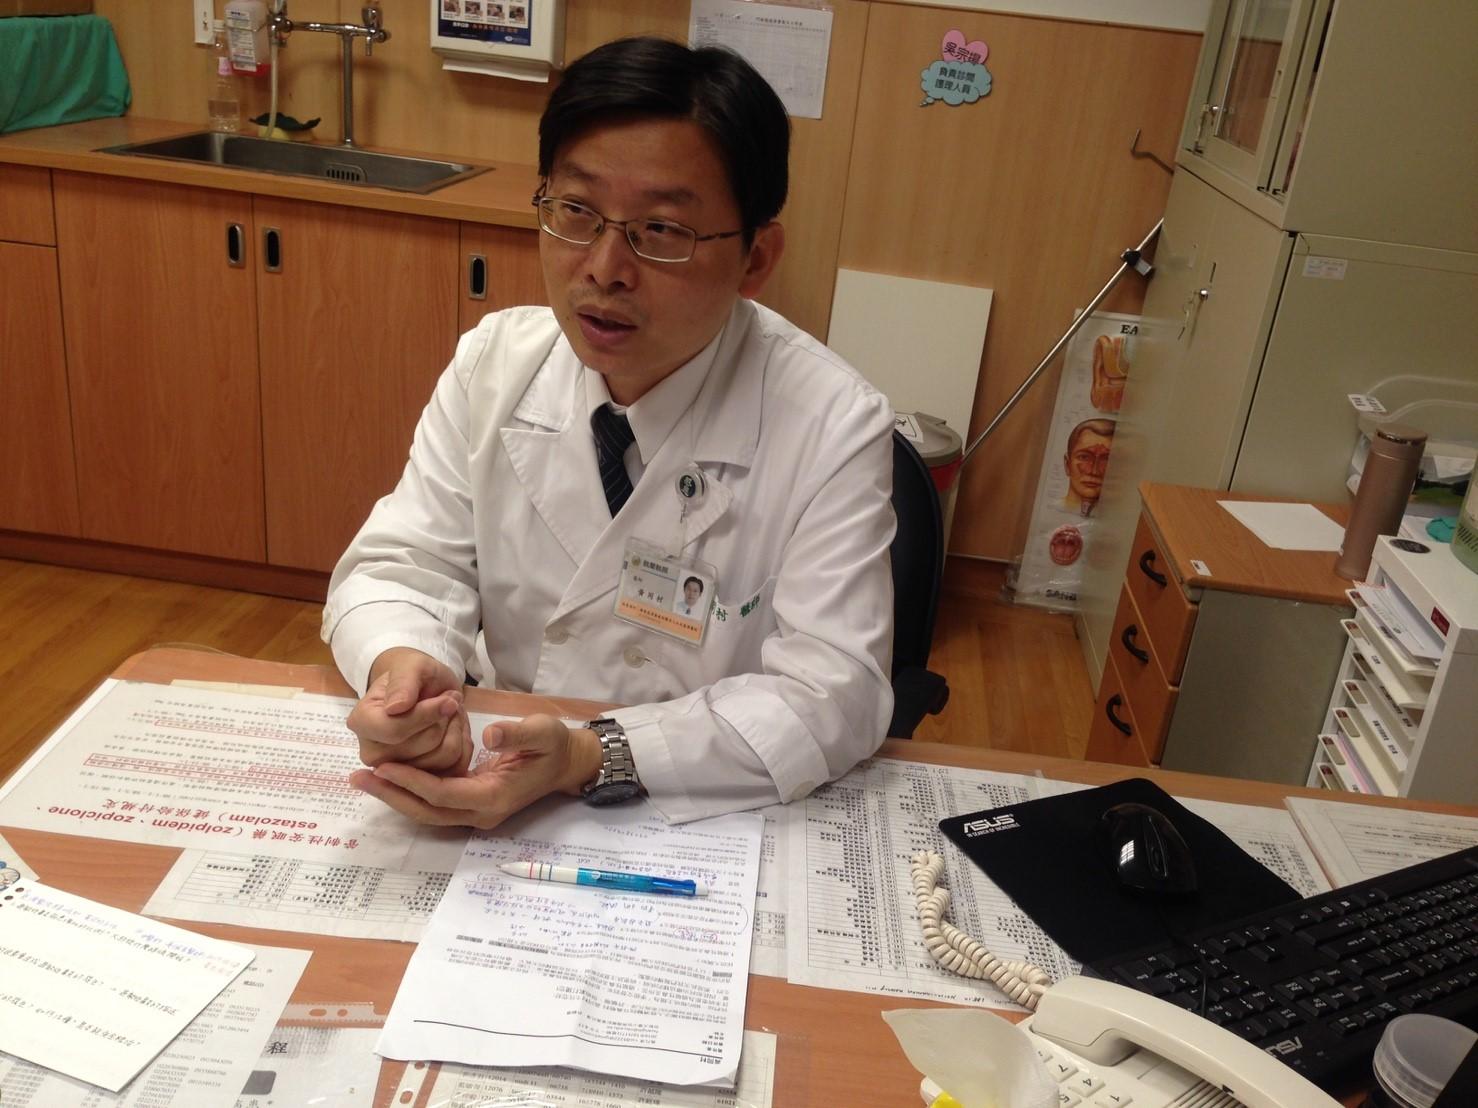 黃同村提到,因過敏反應所造成的鼻炎,就稱為過敏性鼻炎,可透過抽血檢驗出過敏原。攝影/許毓珊